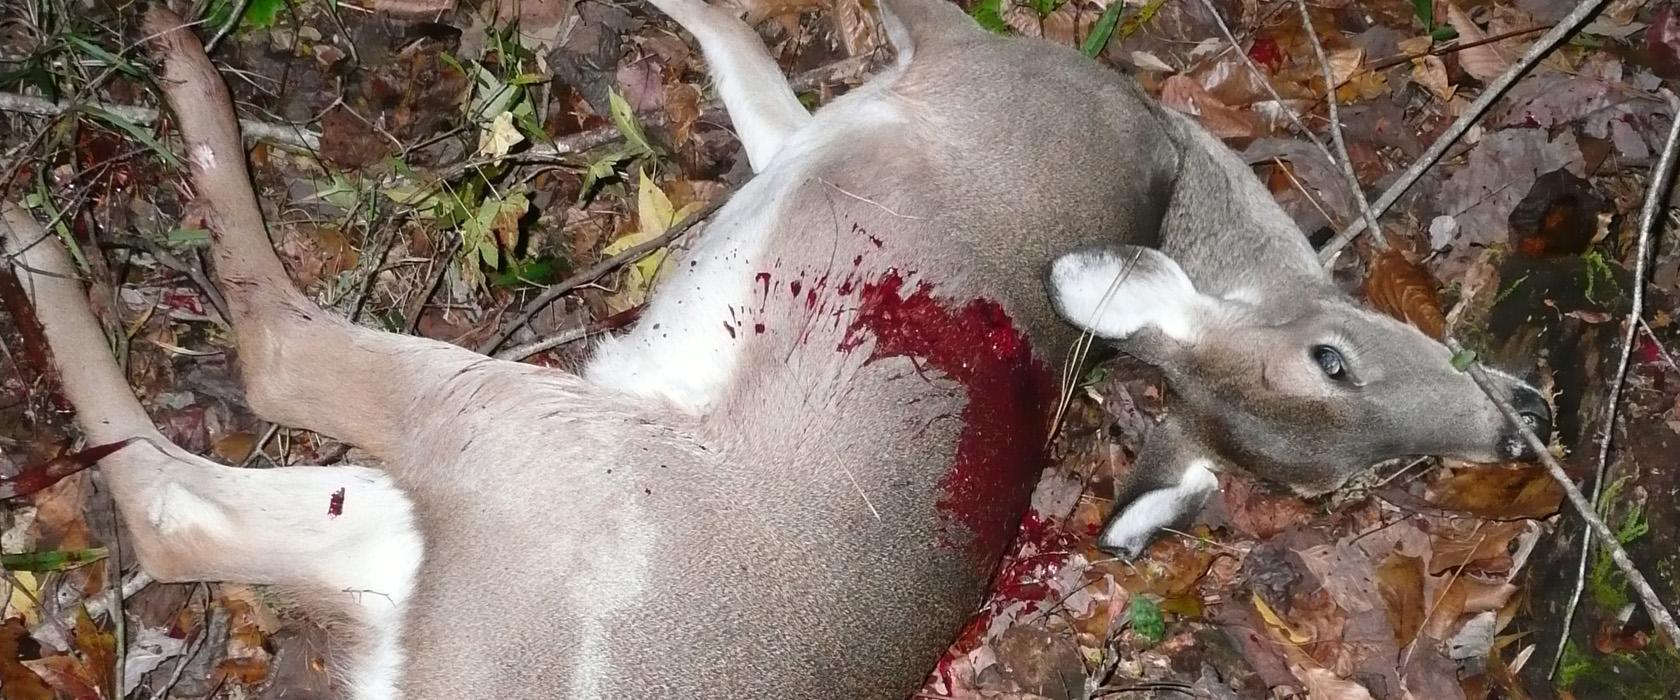 4 Dead Deer